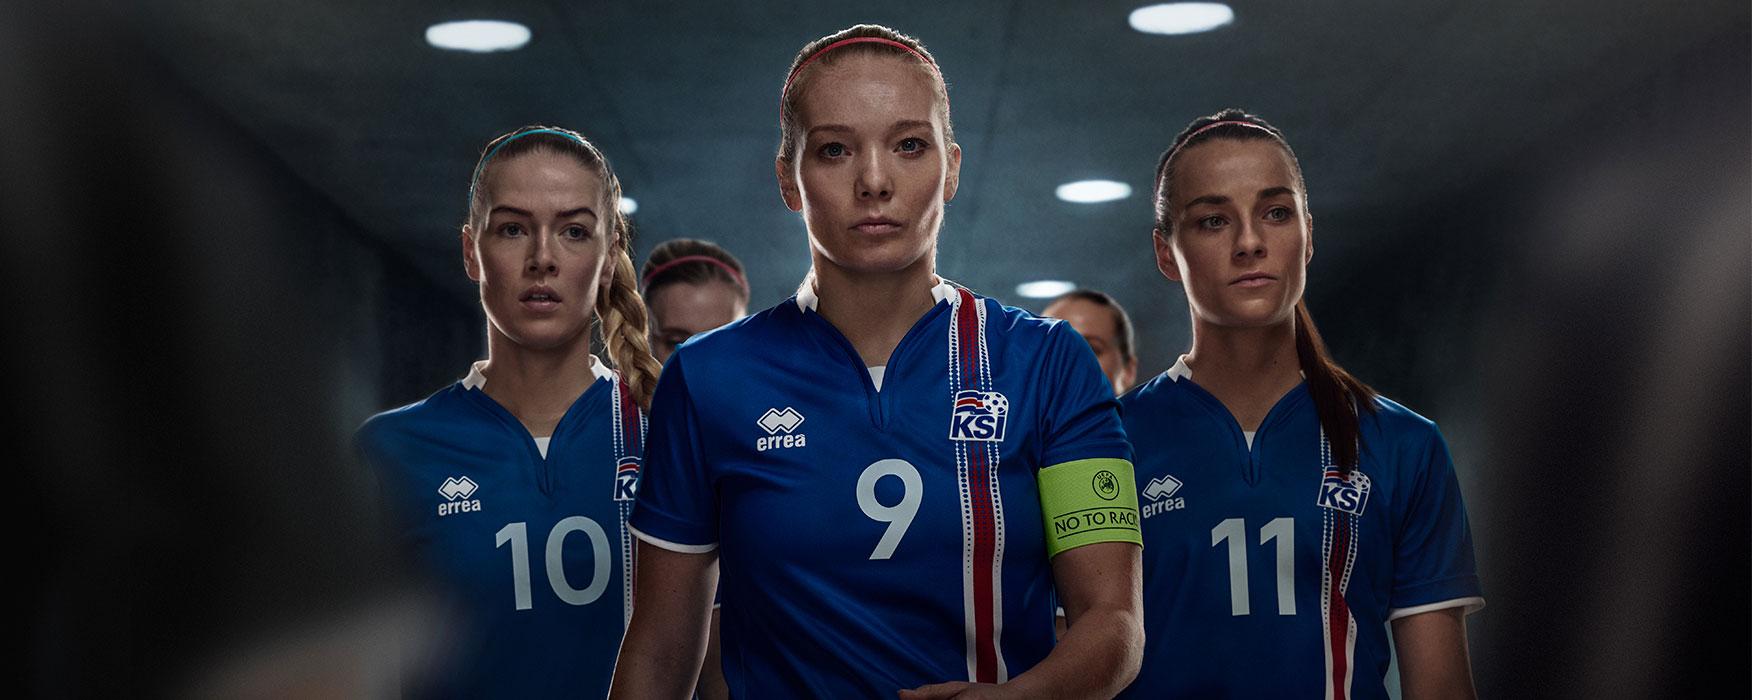 Iceland Women Soccer Team EURO 2017 | Icelandair